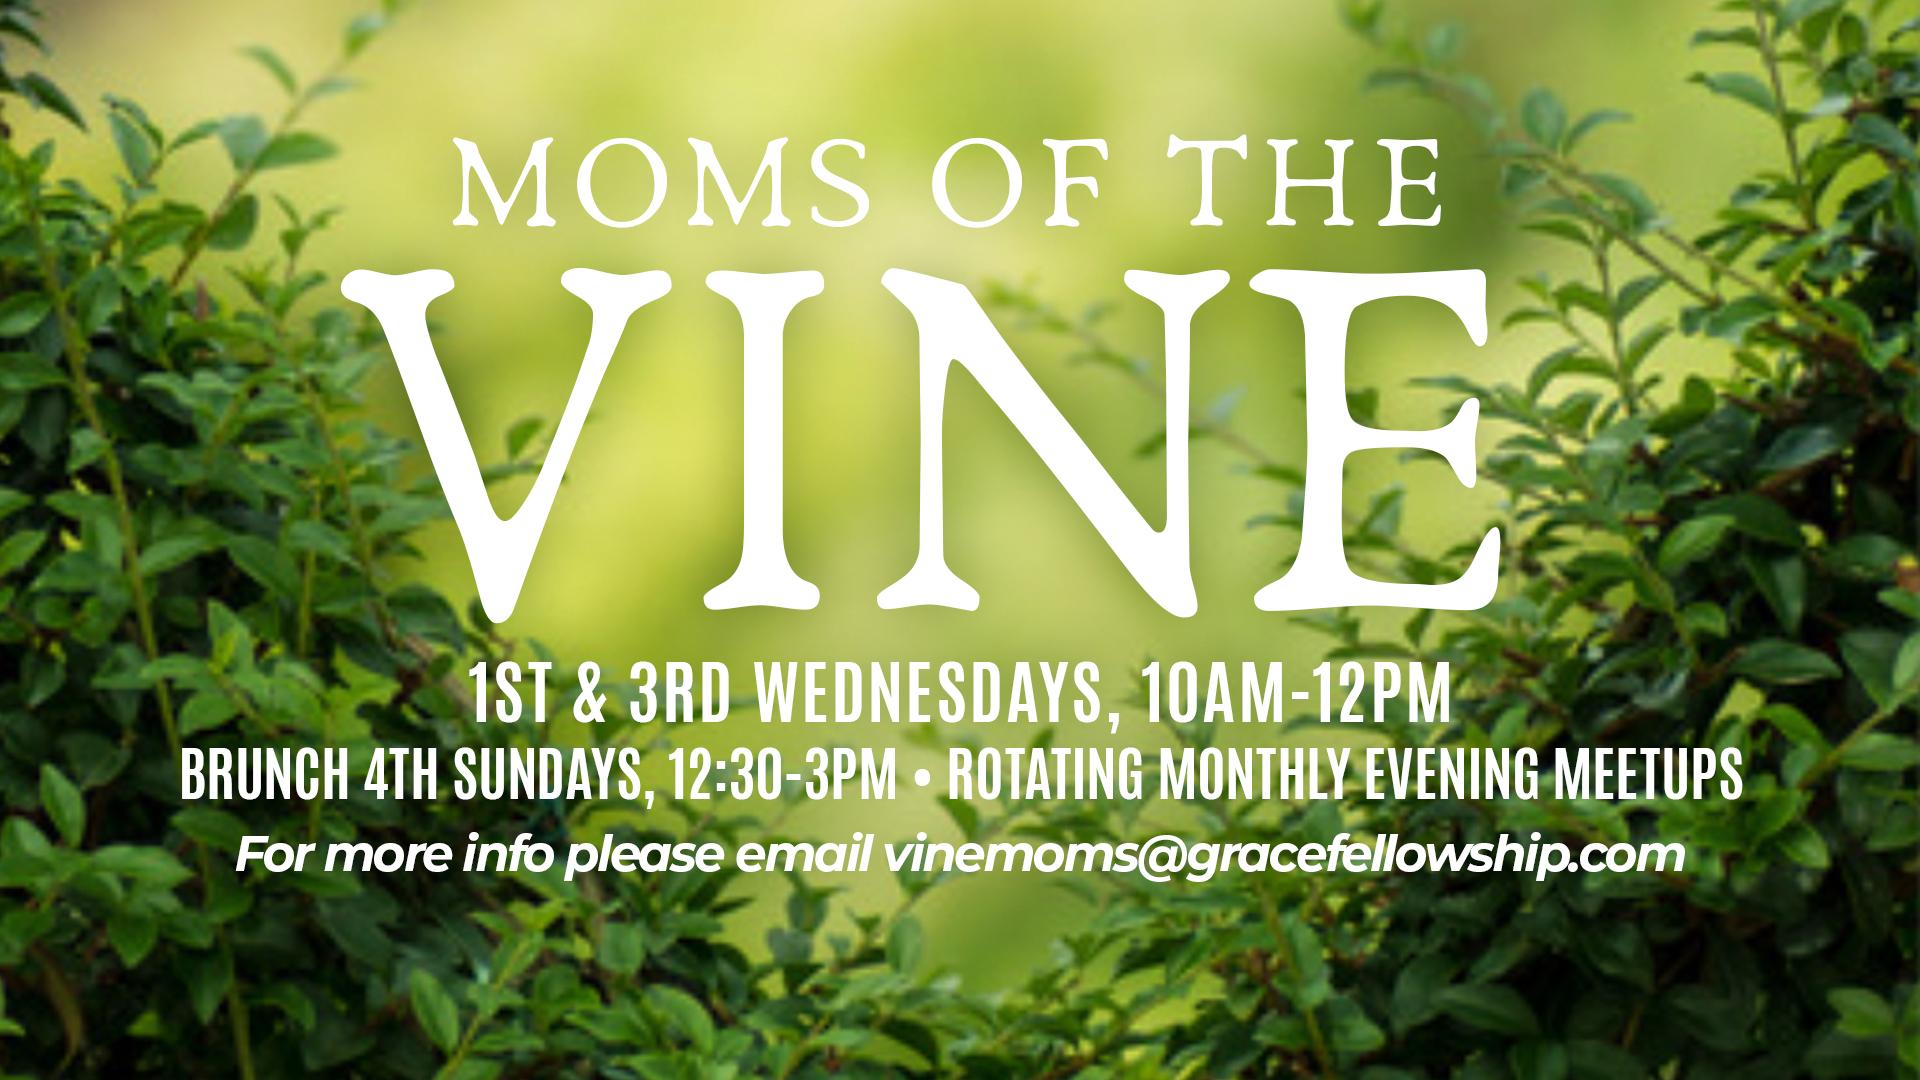 Greenbush Moms of the Vine